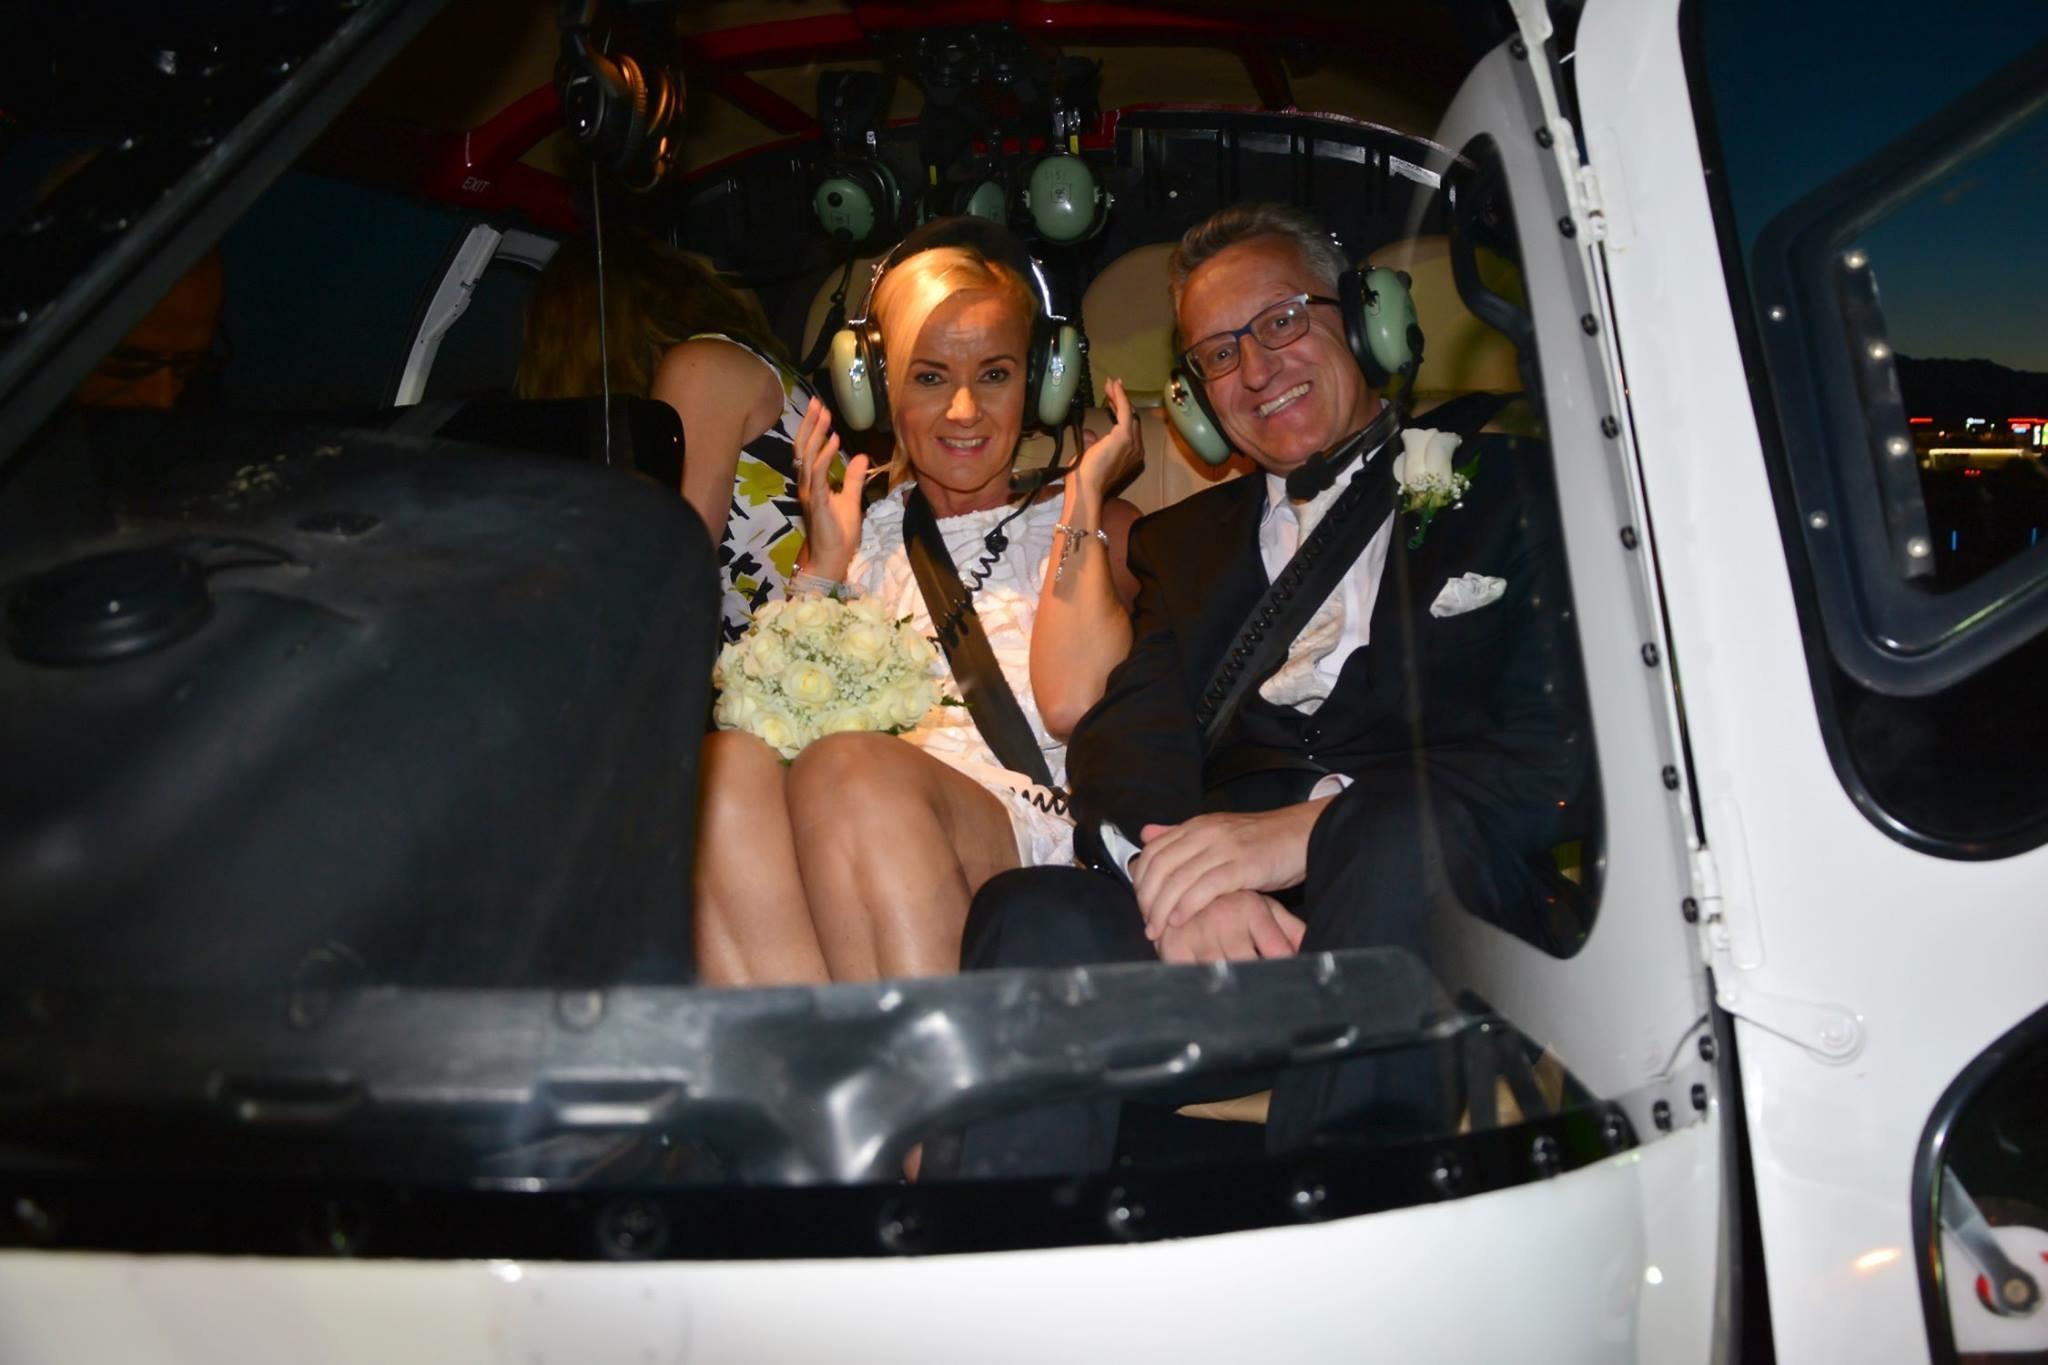 So sieht ein glückliches Brautpaar in Las Vegas aus